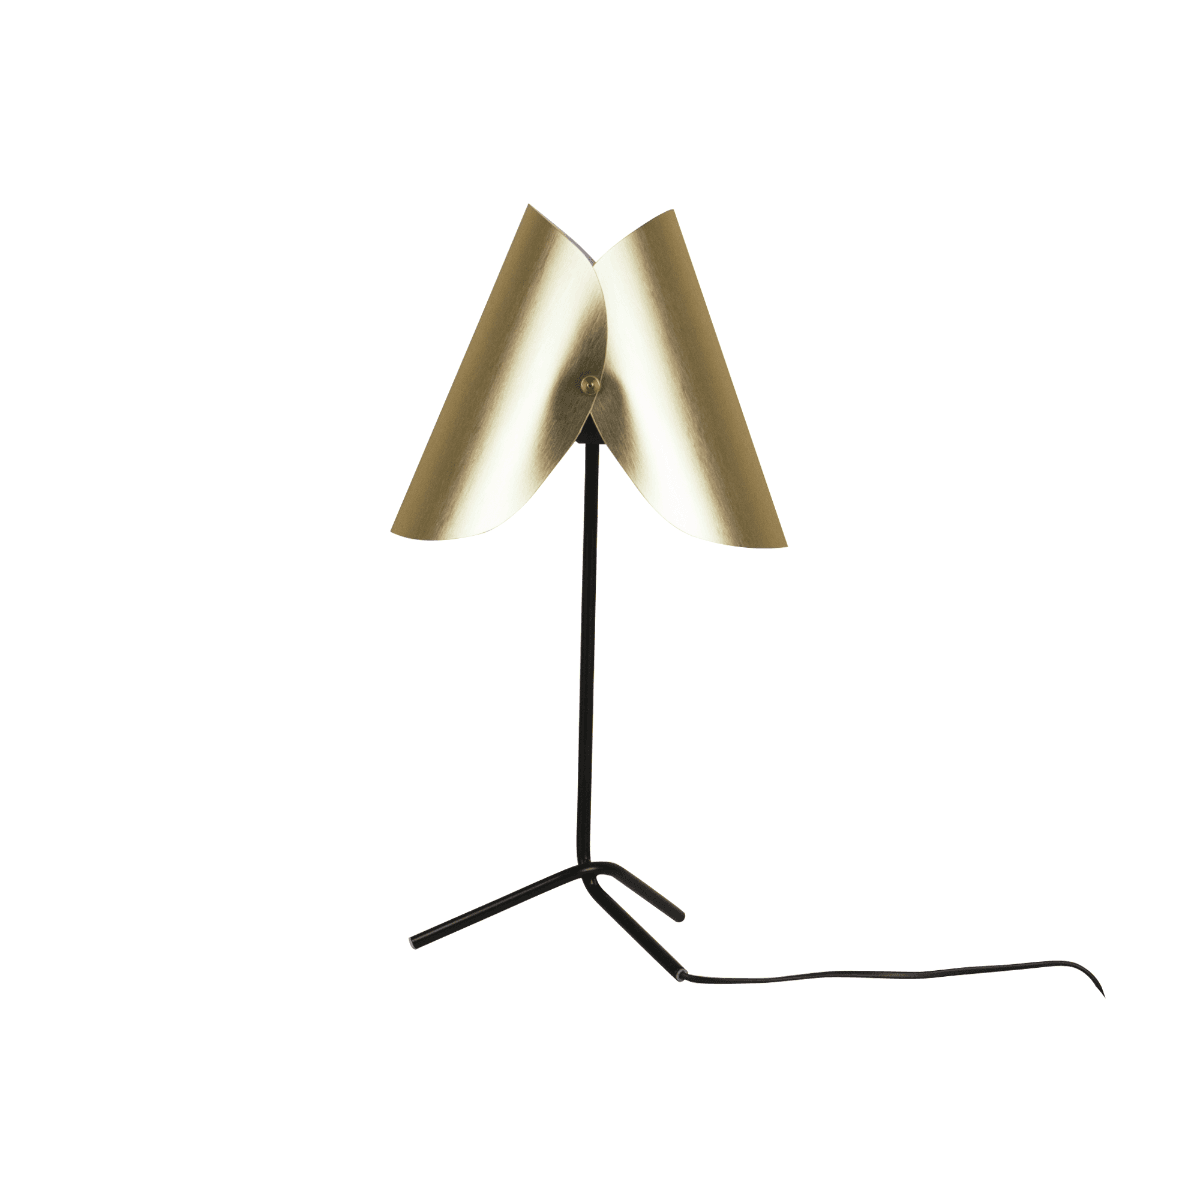 Luminaires entrée LILOO, H51.5cm LUZ EVA